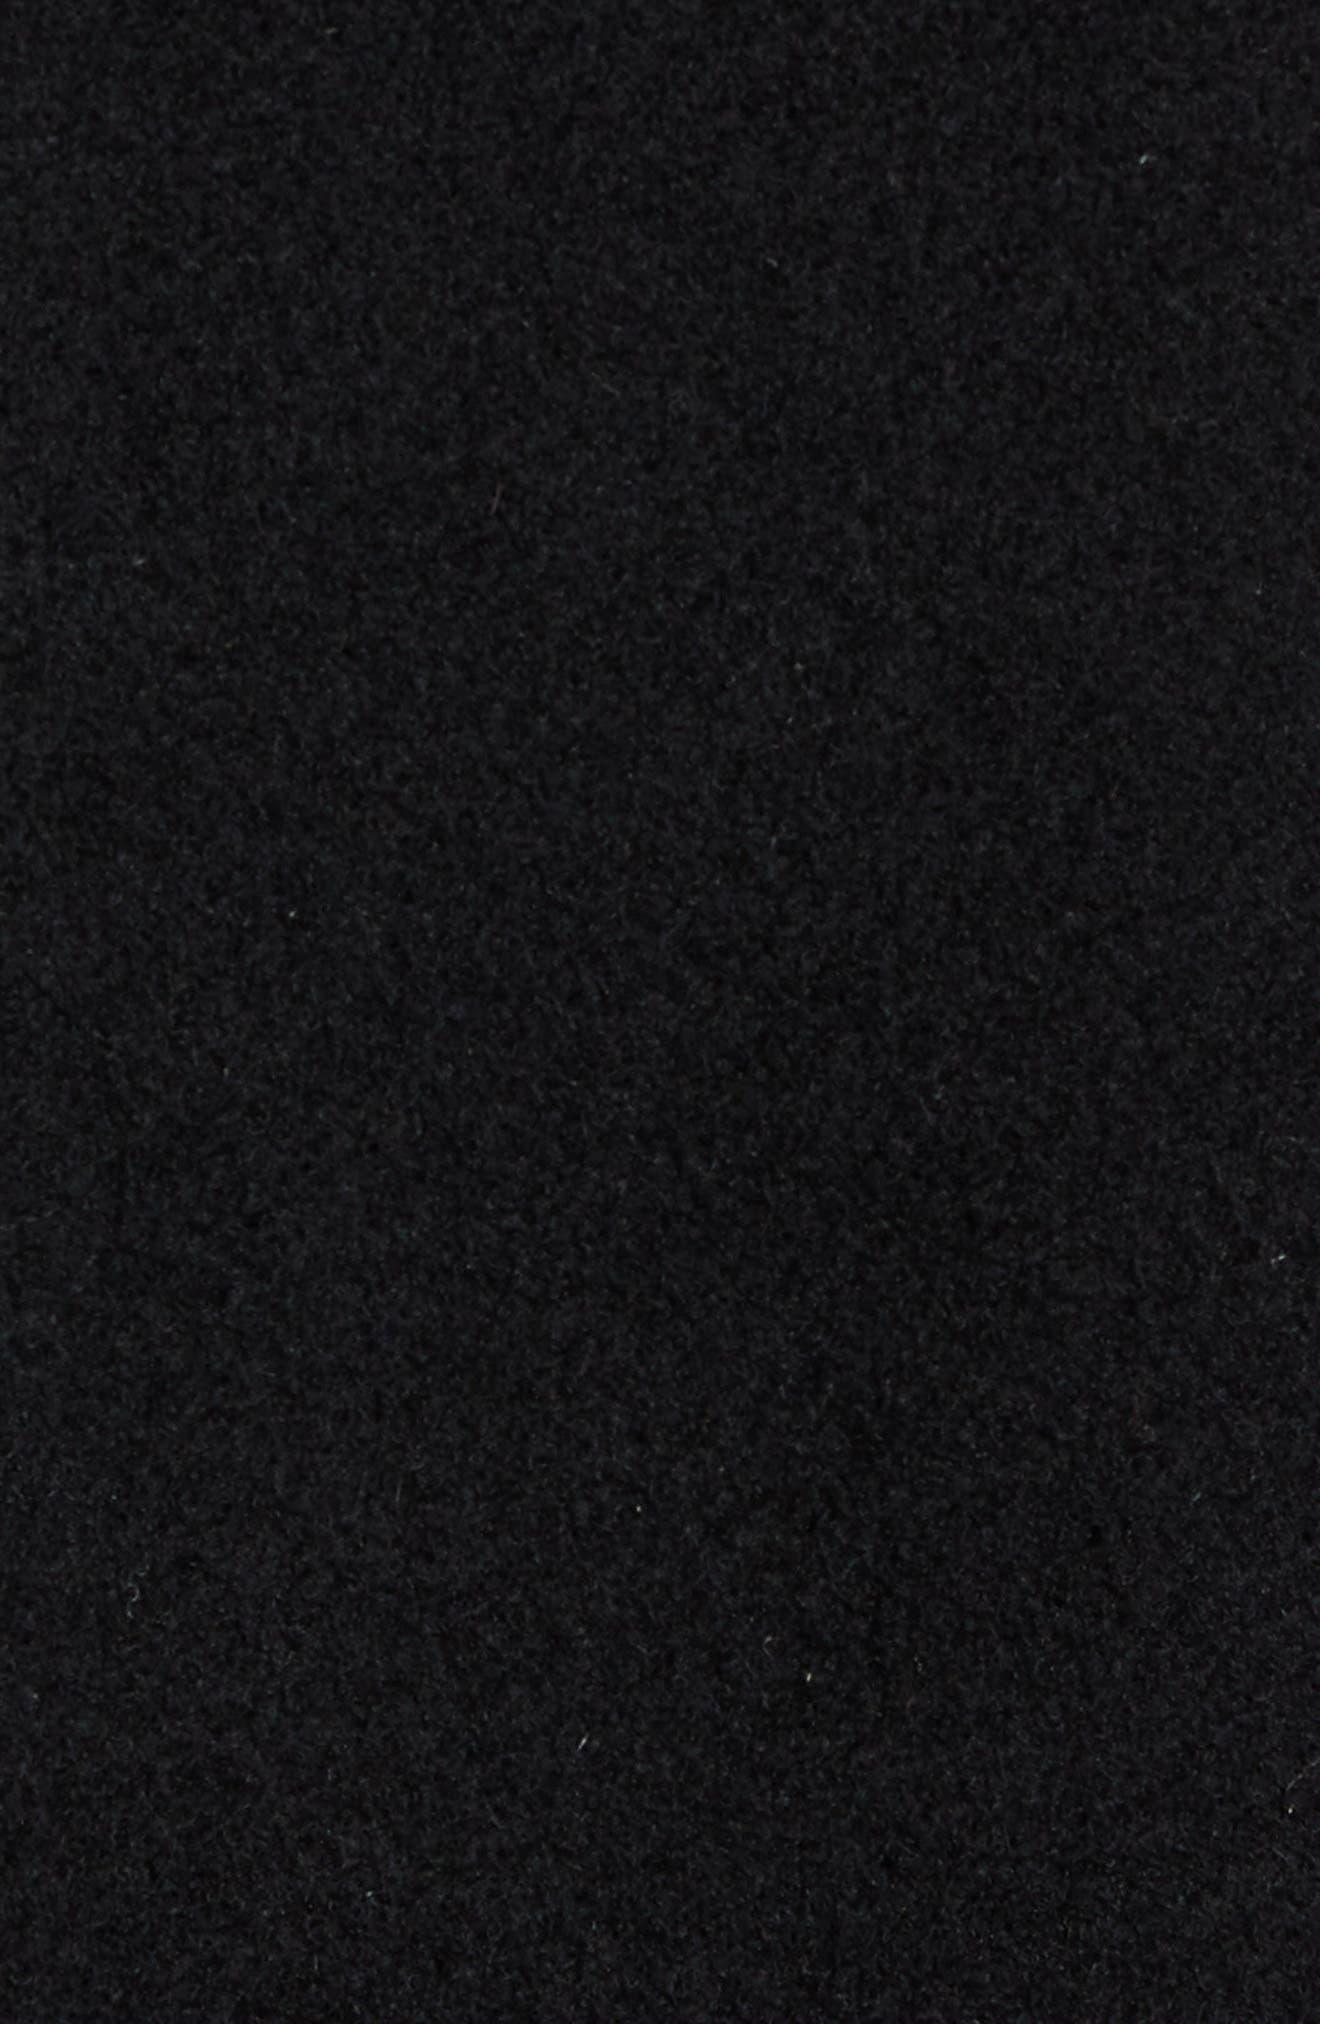 Italian Wool Blend Overcoat,                             Alternate thumbnail 8, color,                             BLACK